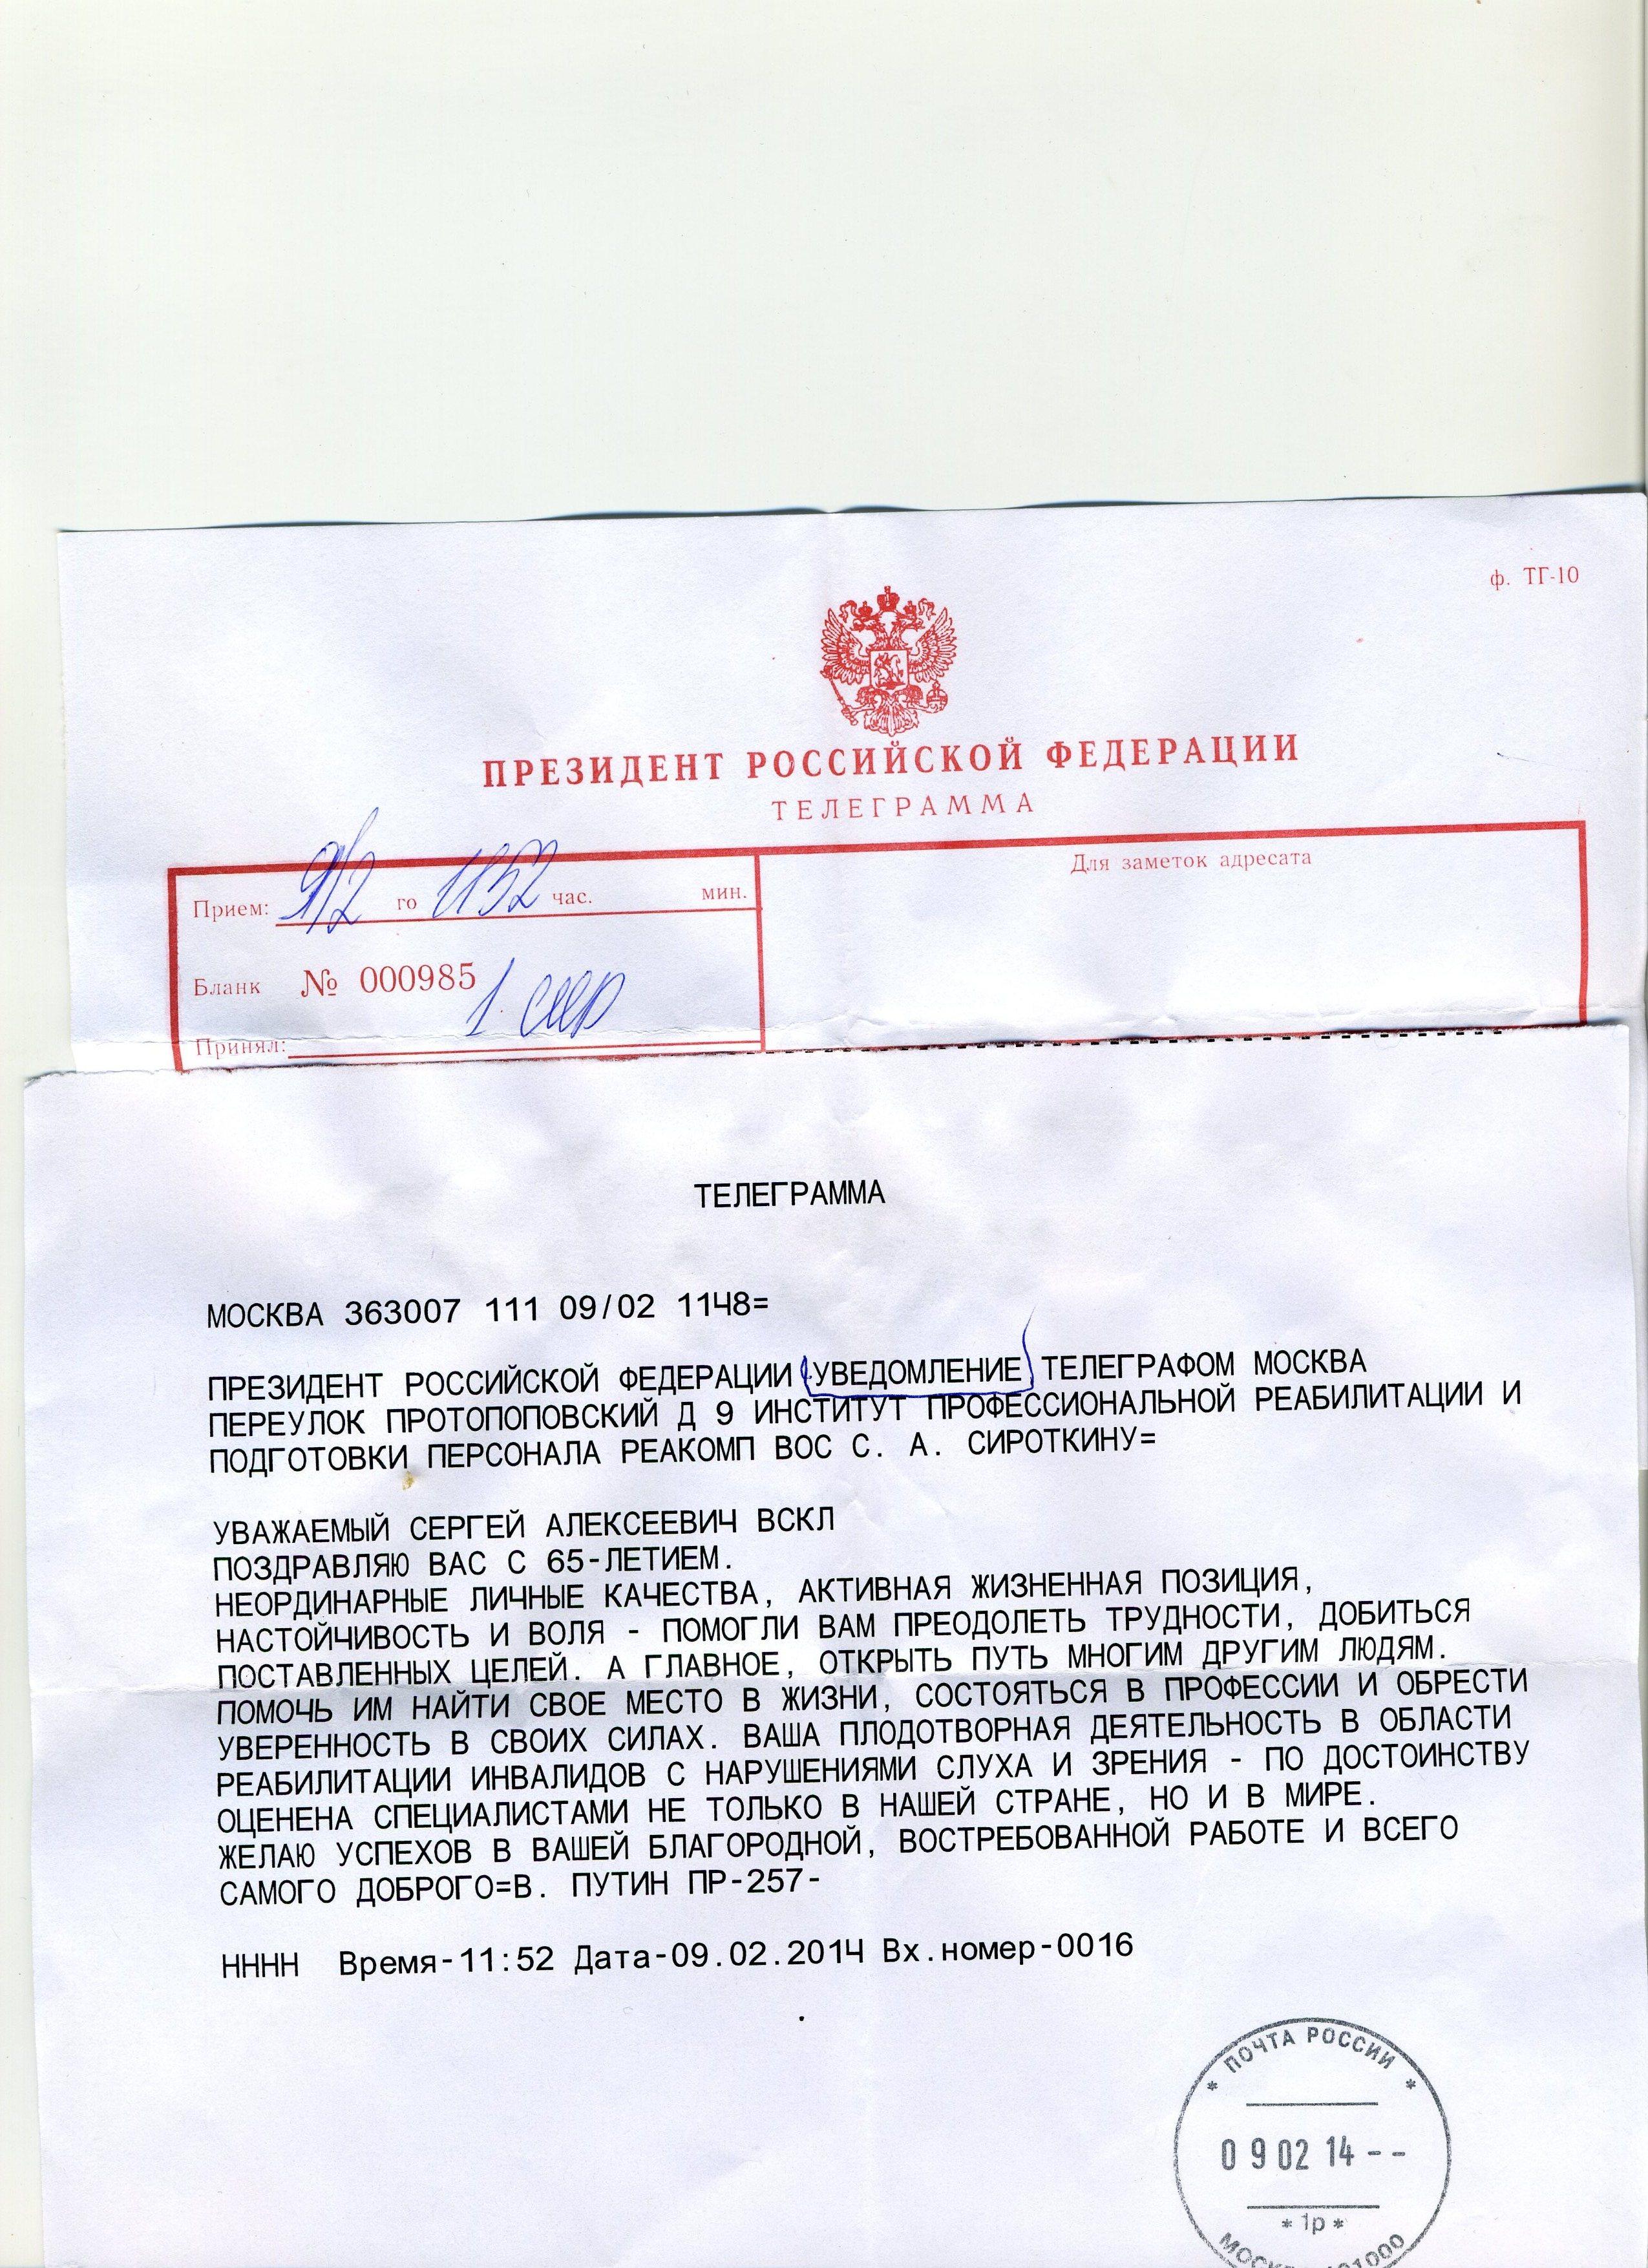 9 февраля 2014 года Президент России Владимир Владимирович Путин направил поздравительную телеграмму в адрес юбиляра - заведующего сектором реабилитации слепоглухих Института «Реакомп», к.ф.н. Сироткина С.А.